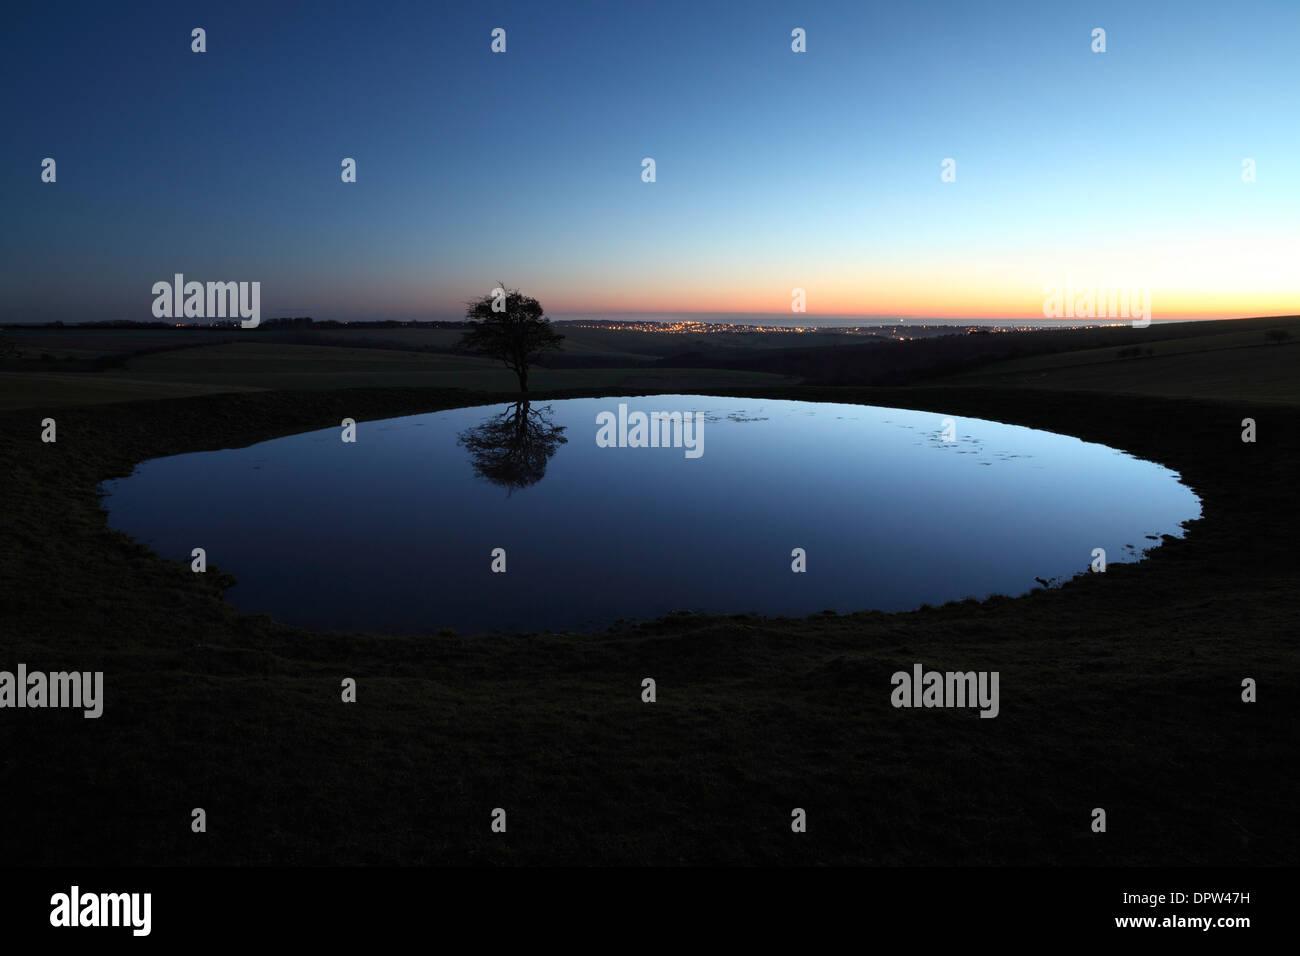 Étang de rosée sur les South Downs au crépuscule. La mer et les lumières de Brighton sont à peine visible à l'arrière-plan. Photo Stock